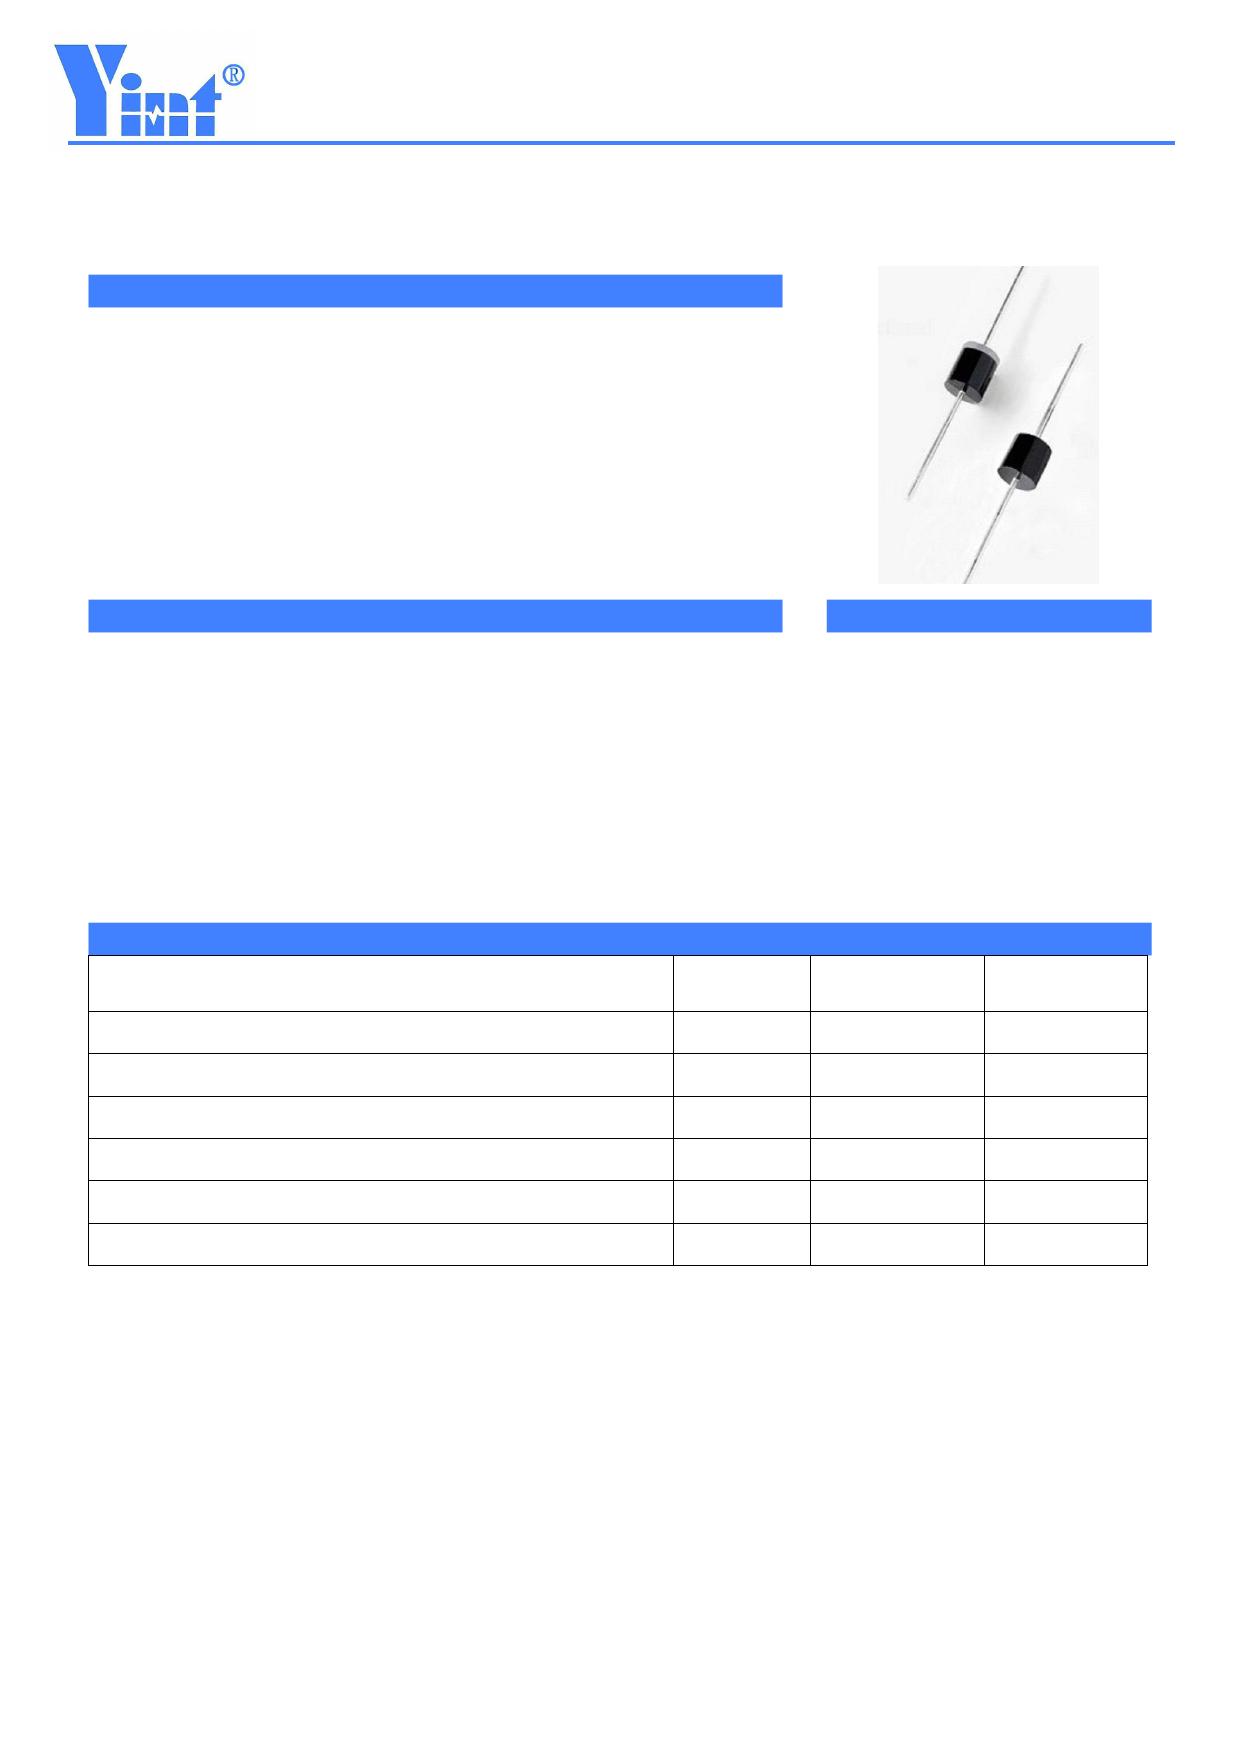 3.0KP150A datasheet